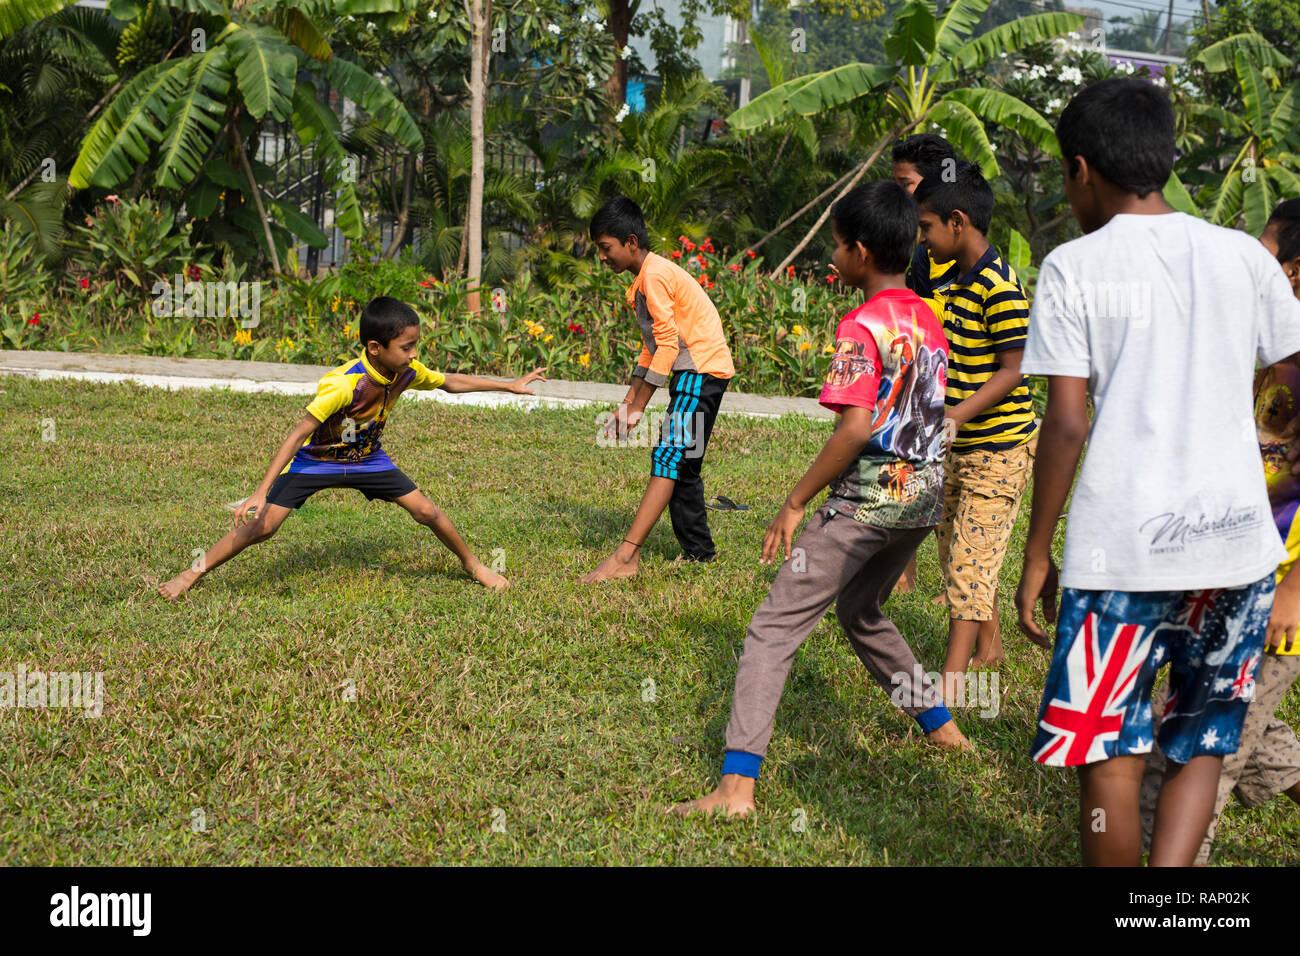 Mumbai / India - December 2017: Children playing Kabaddi, a contact team sport. - Stock Image